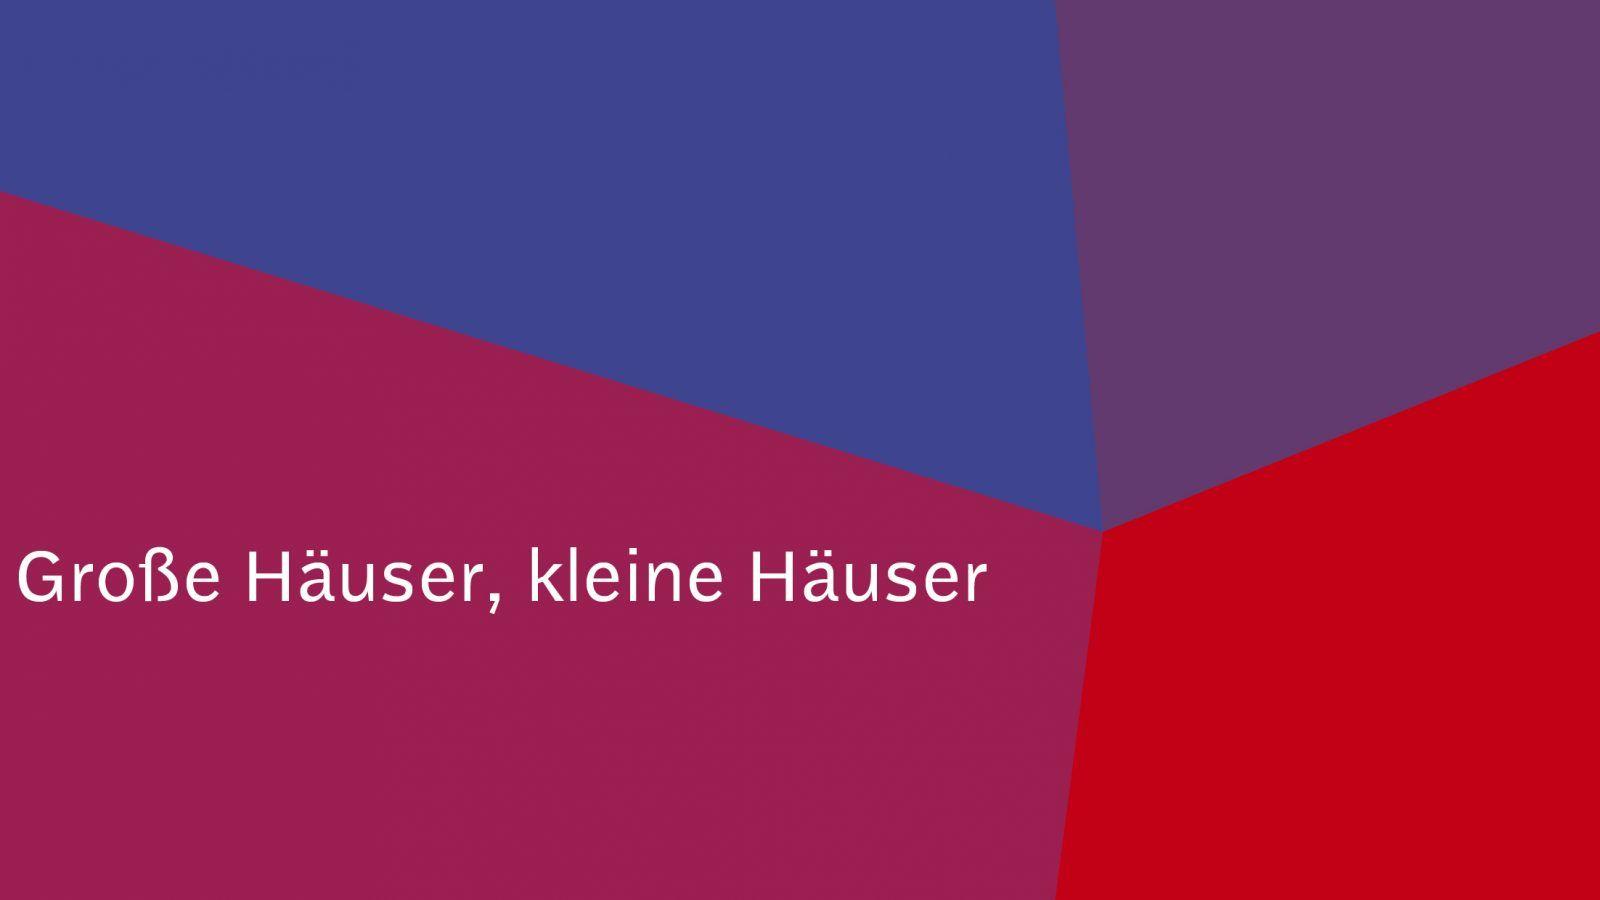 """3b64a4880ad0 BDA-Ausstellung """"Große Häuser, kleine Häuser – Ausgezeichnete Architektur in  Hessen 2013-2018"""""""